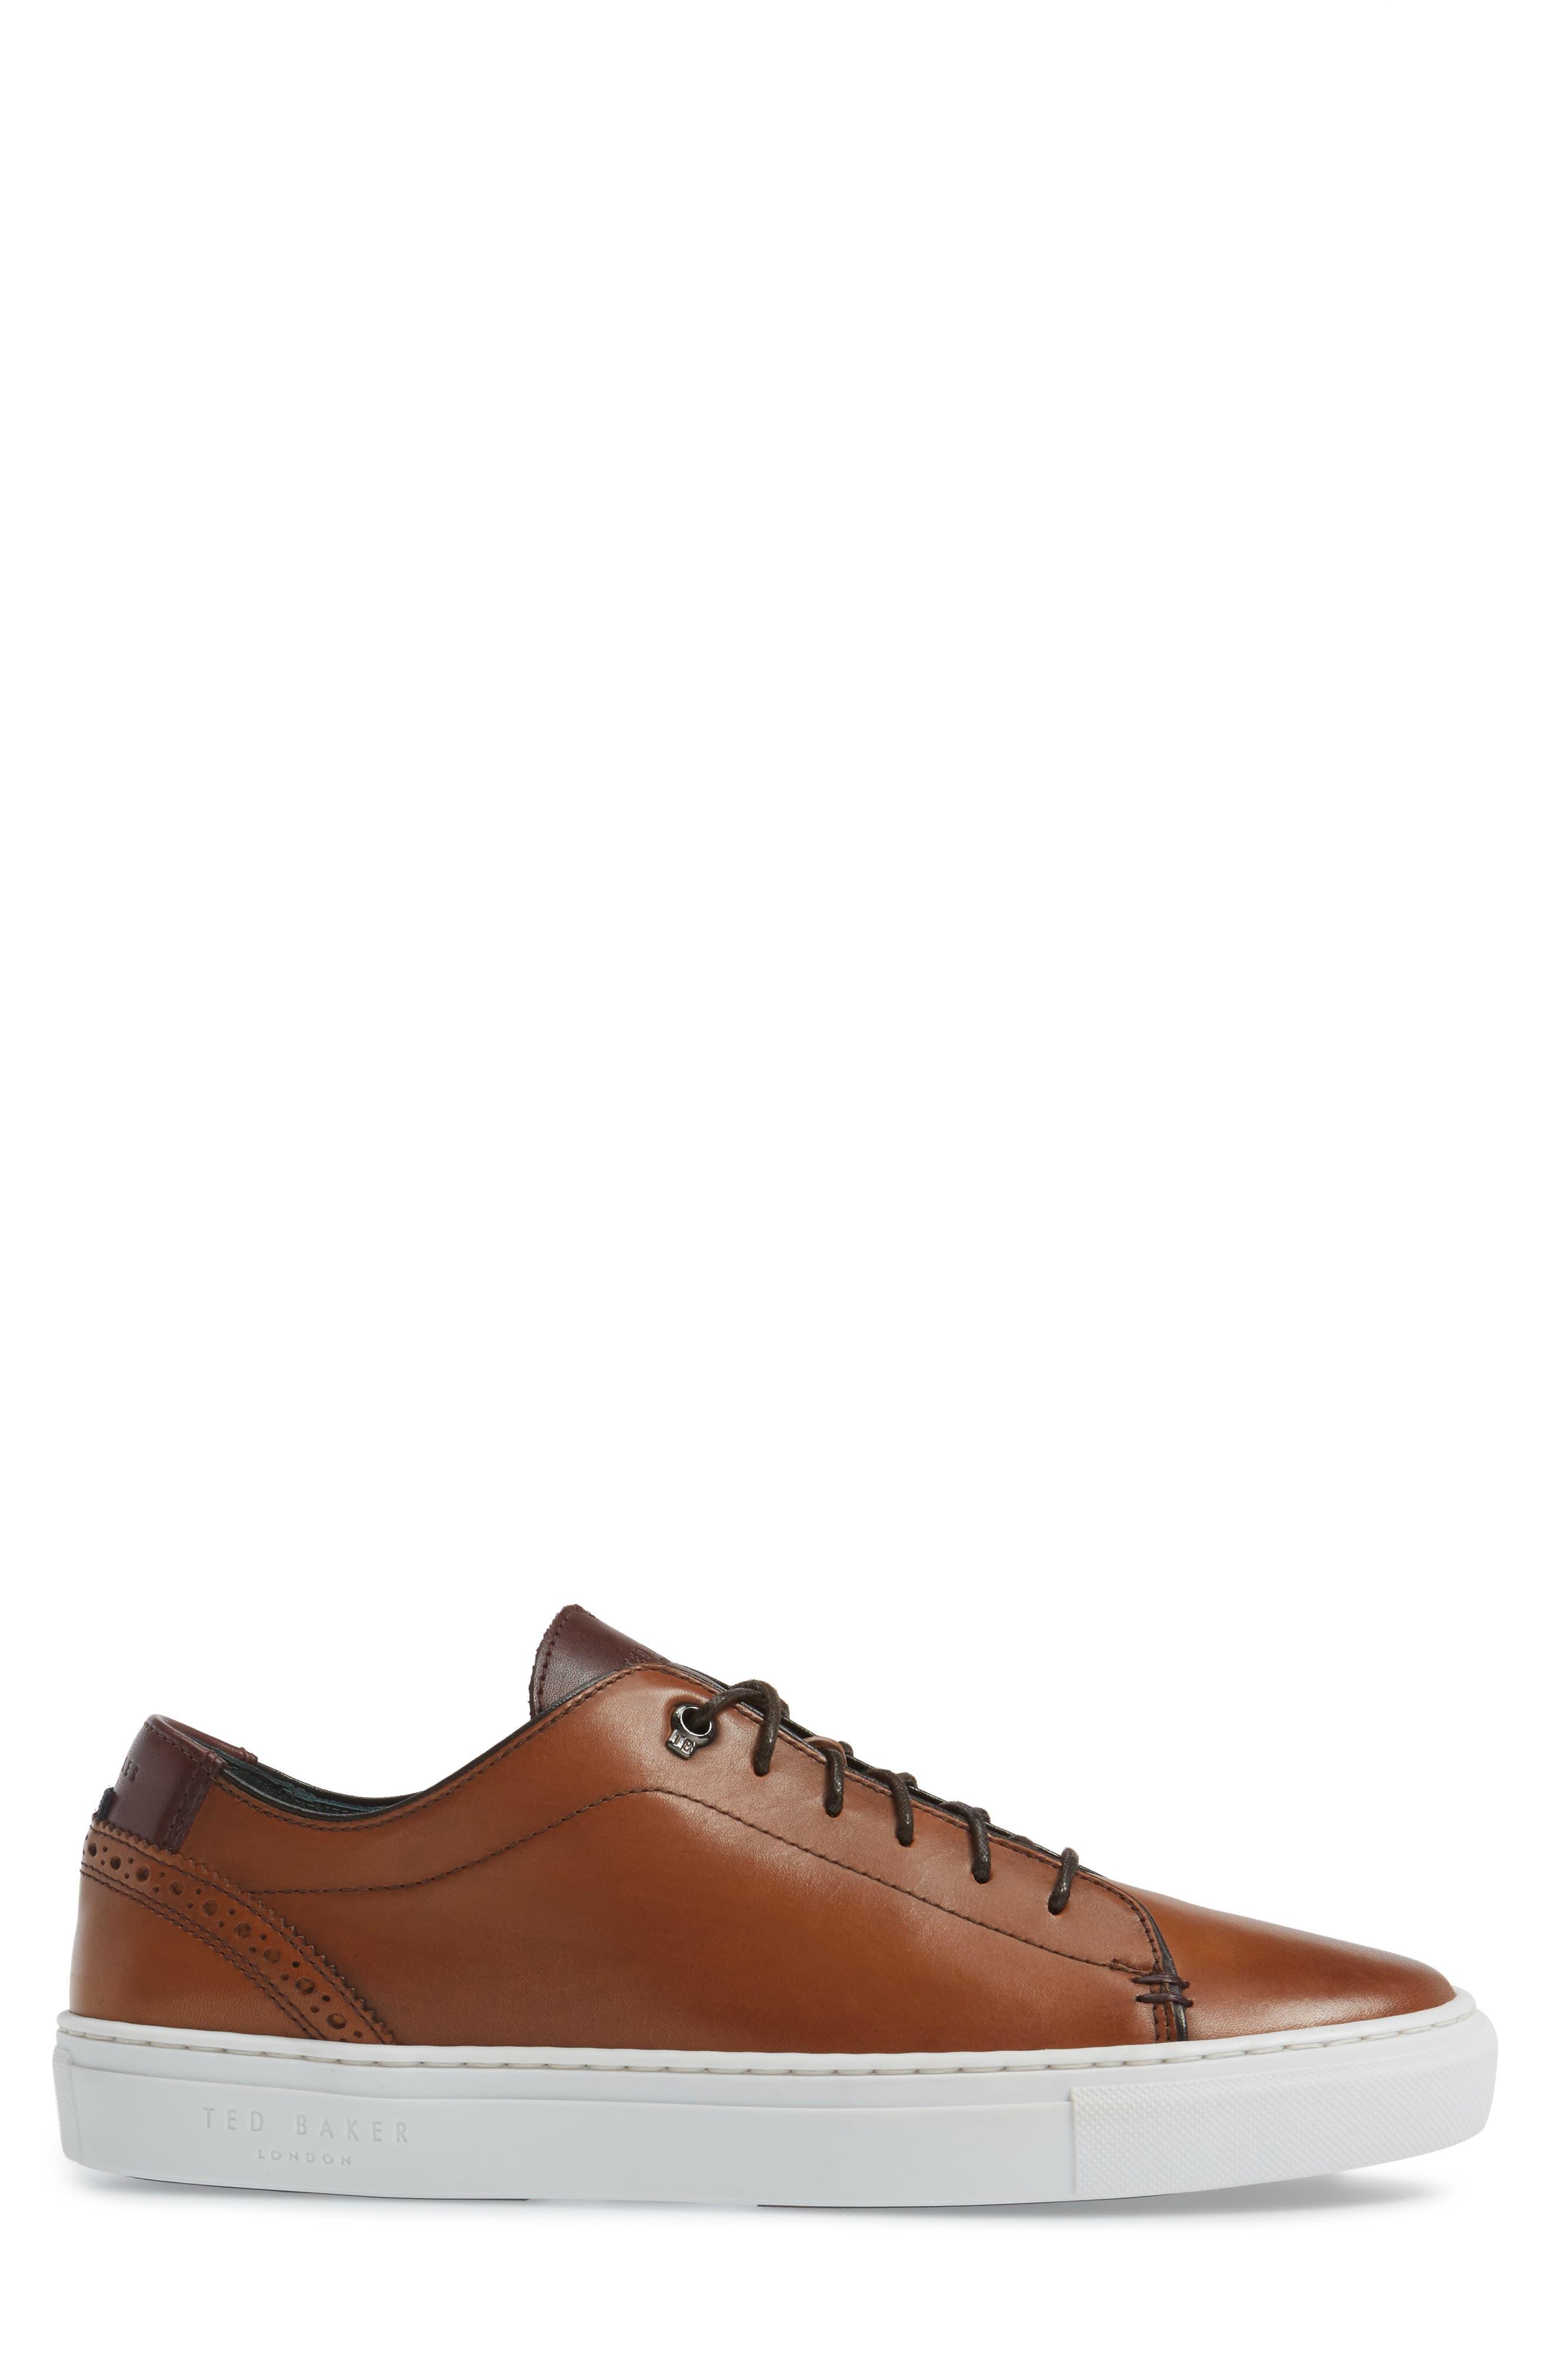 Alternate Image 3  - Ted Baker London Duuke Sneaker (Men)